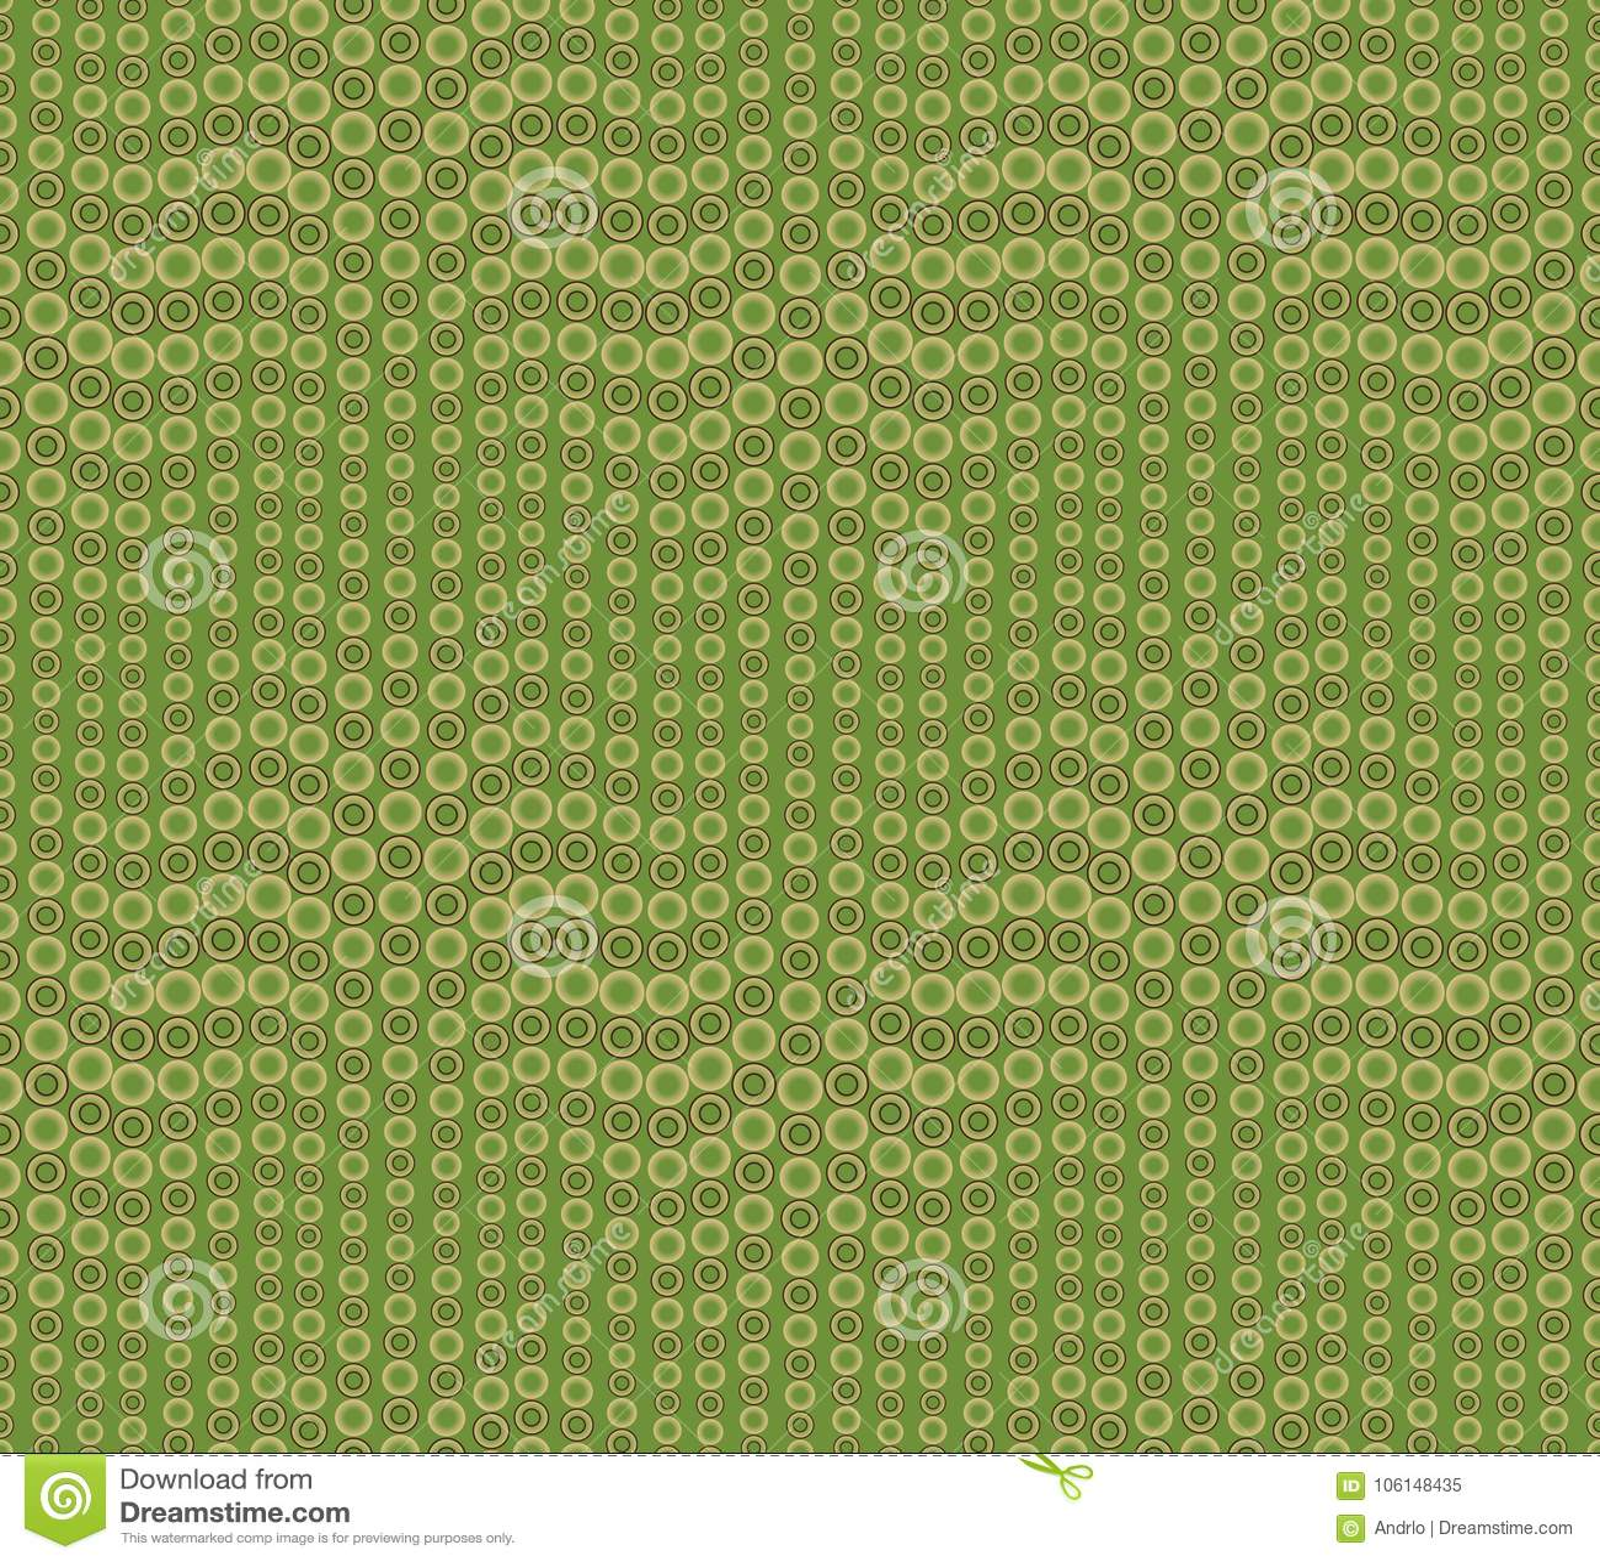 Abstrakt sömlös modell på en grön bakgrund Har formen av en våg Består av runda geometriska former